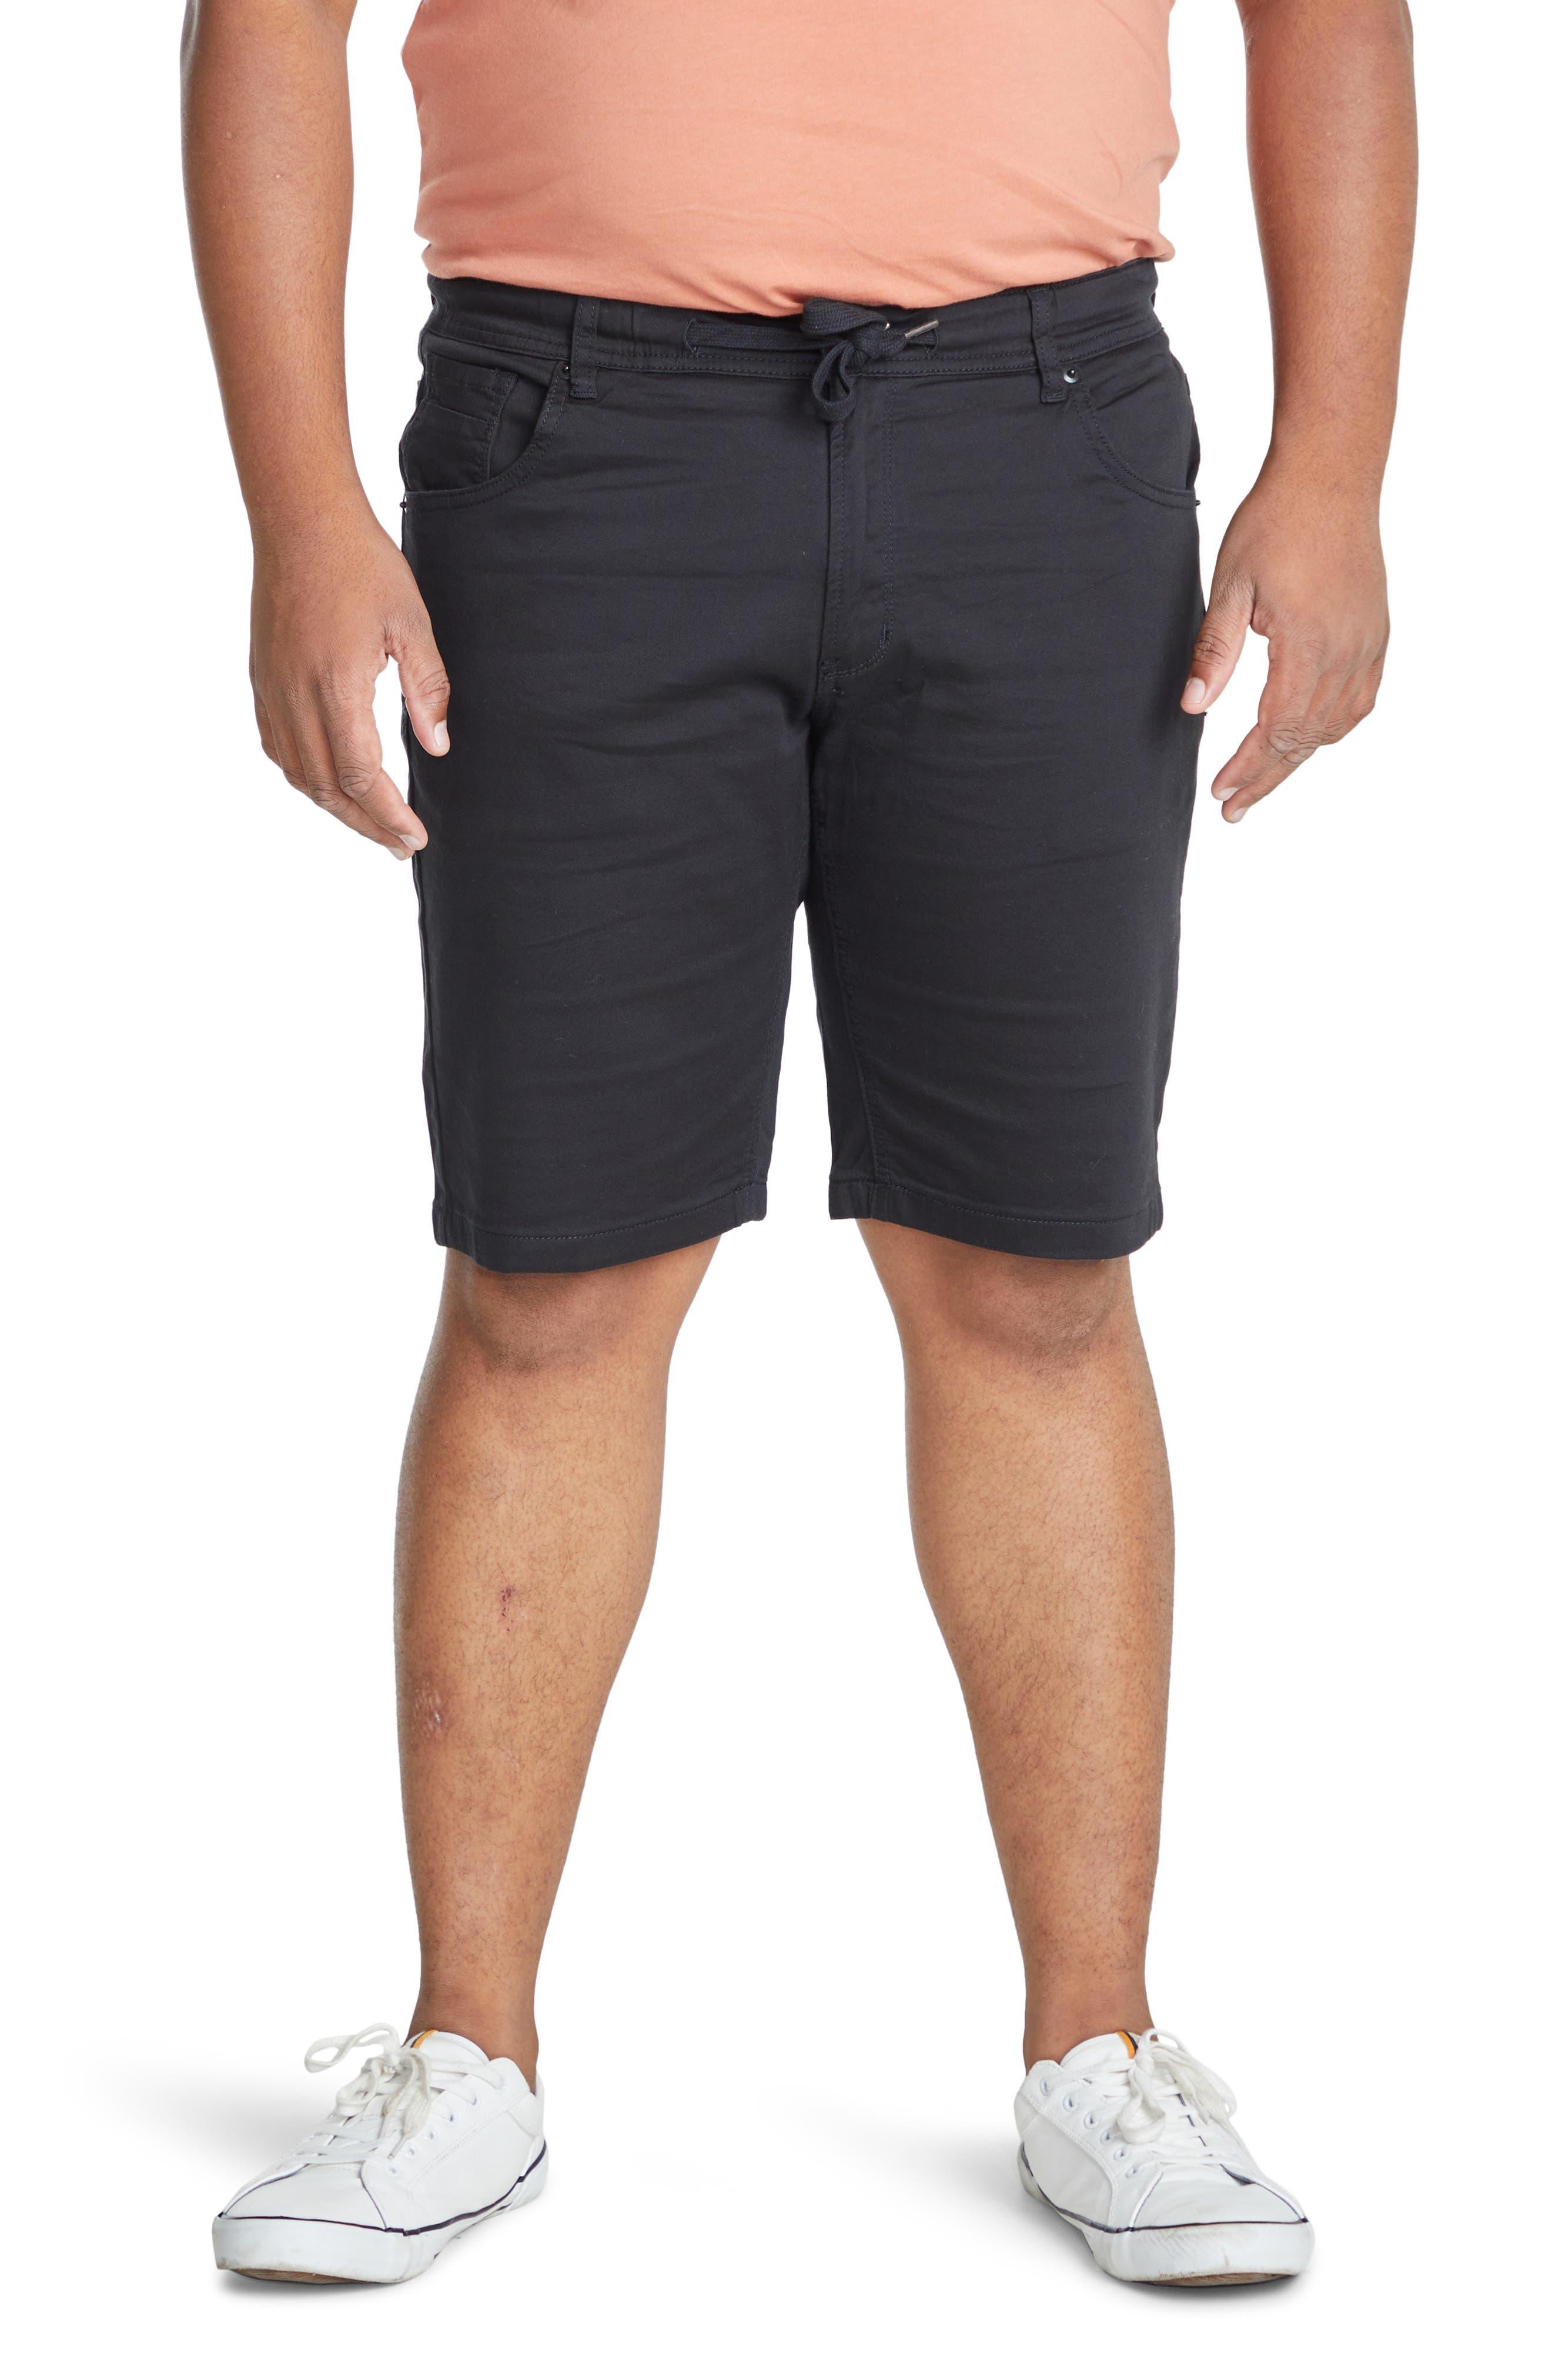 Cameron Knit Shorts